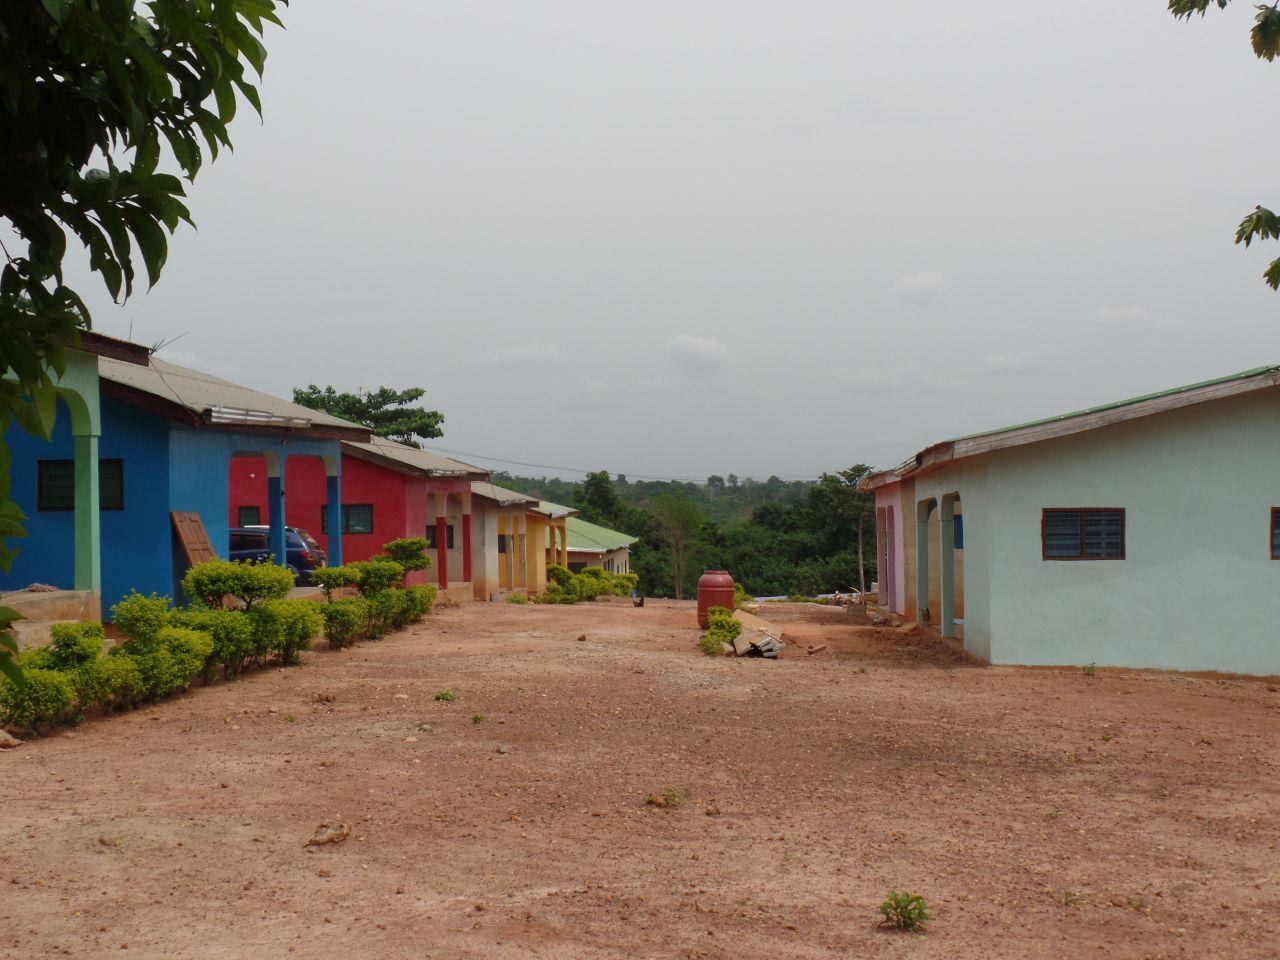 rechts die neuen Häuser...sanftere Farbtöne sind angesagt